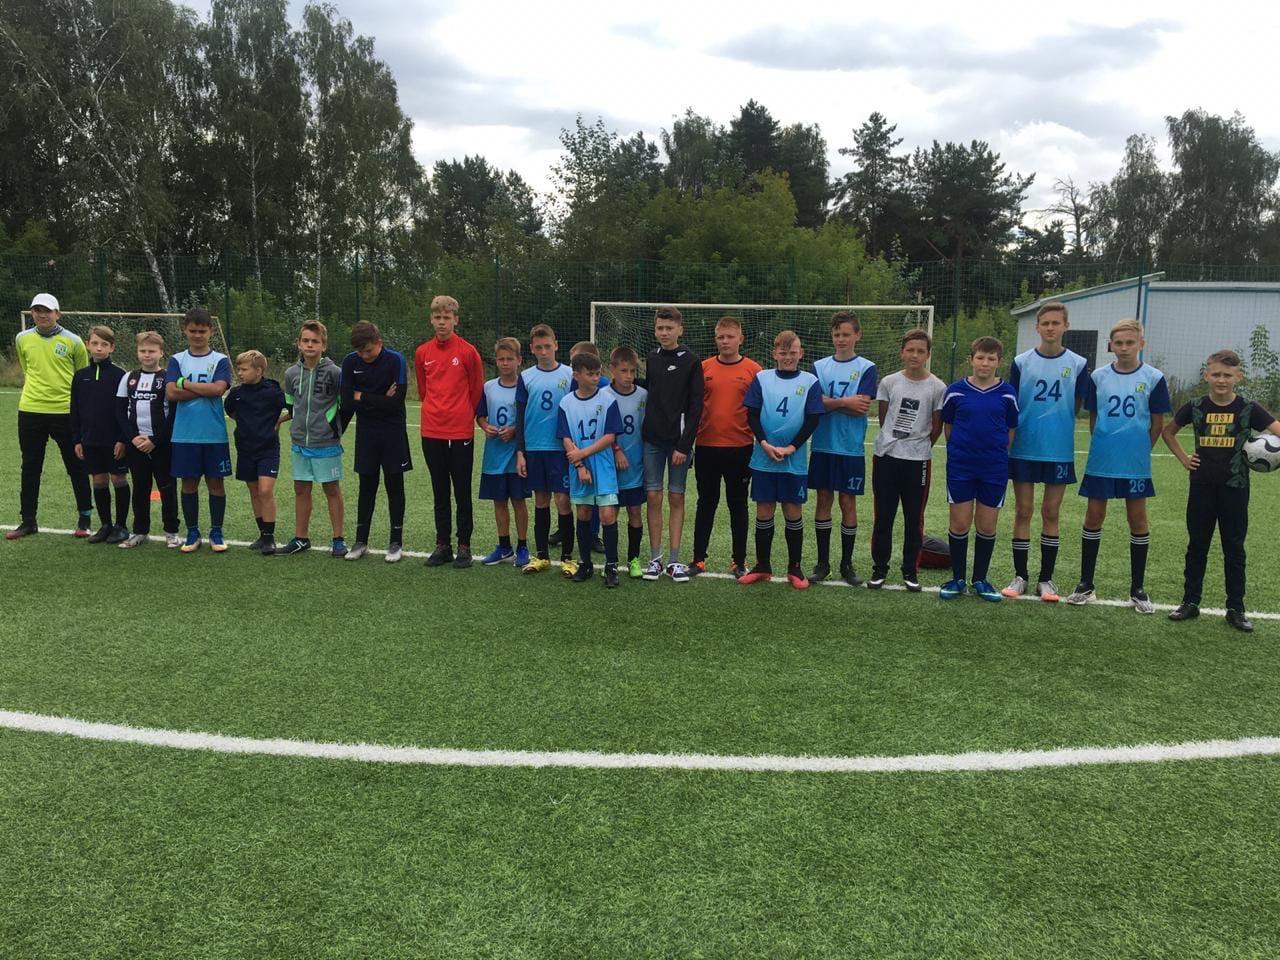 15 августа на стадионе им. А. Гринина состоялся Турнир по мини-футболу среди подростковых команд, посвящённый Дню города #Озеры95.